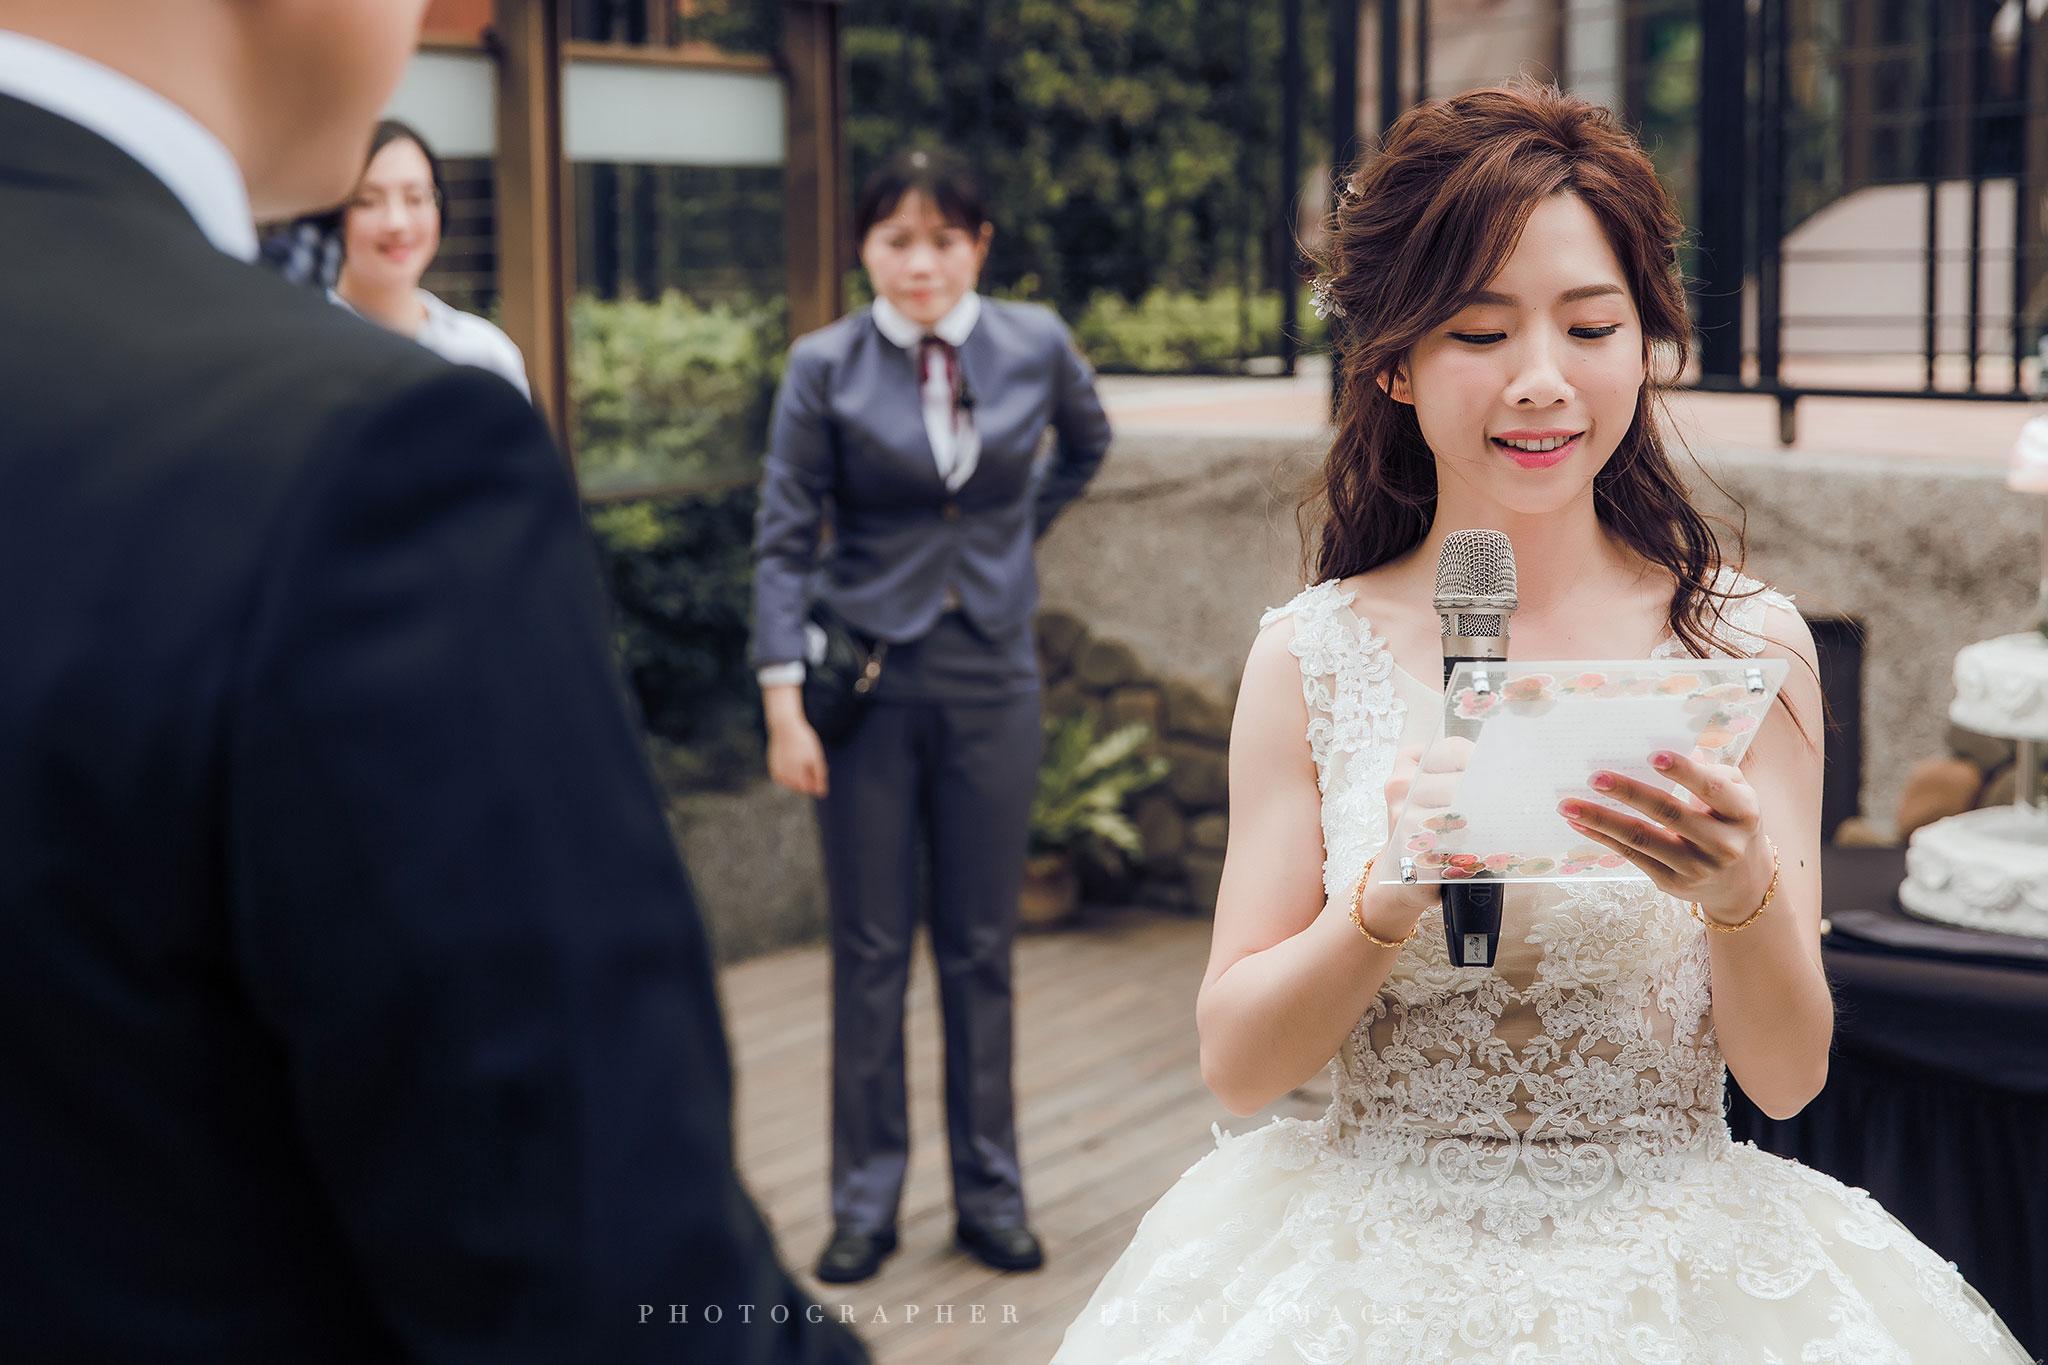 婚禮紀錄 - 育佳 & 銘鴻 - 維多麗亞